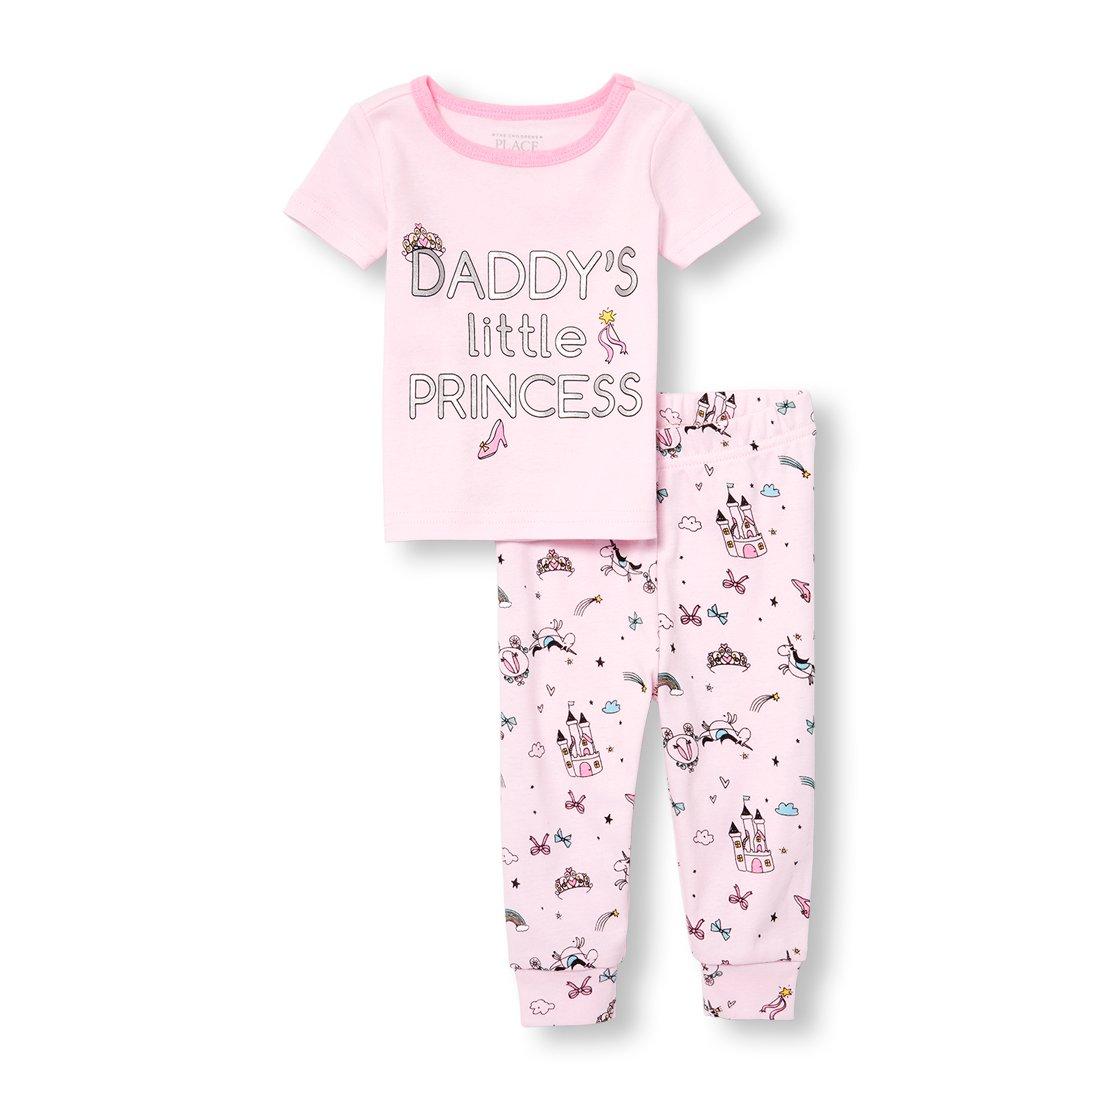 人気カラーの The Children's Place SLEEPWEAR ベビーガールズ 5T Pink Admirer Place SLEEPWEAR Admirer B076Y7YSJT, 開放倉庫:88a56d2d --- agiven.com